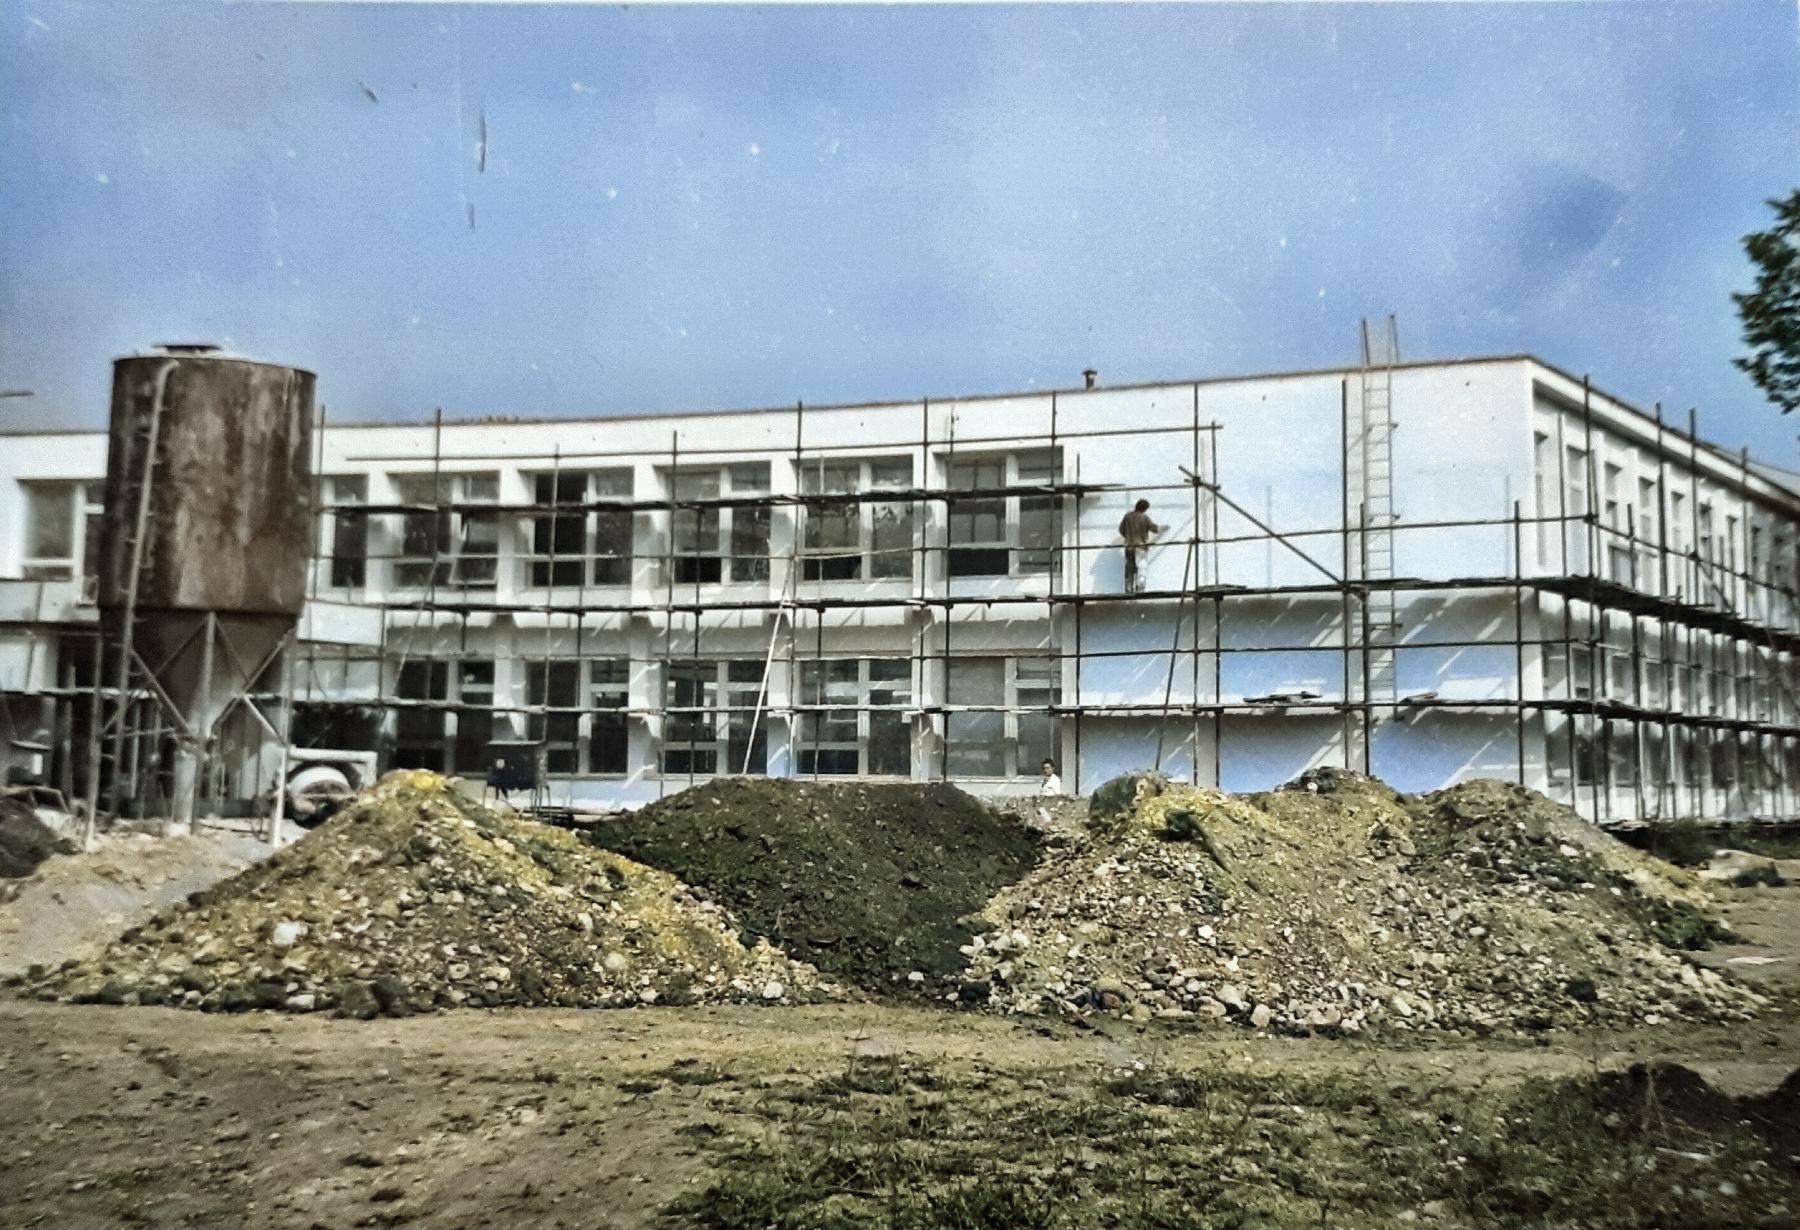 Skola, Jahodníky, 1975-1976